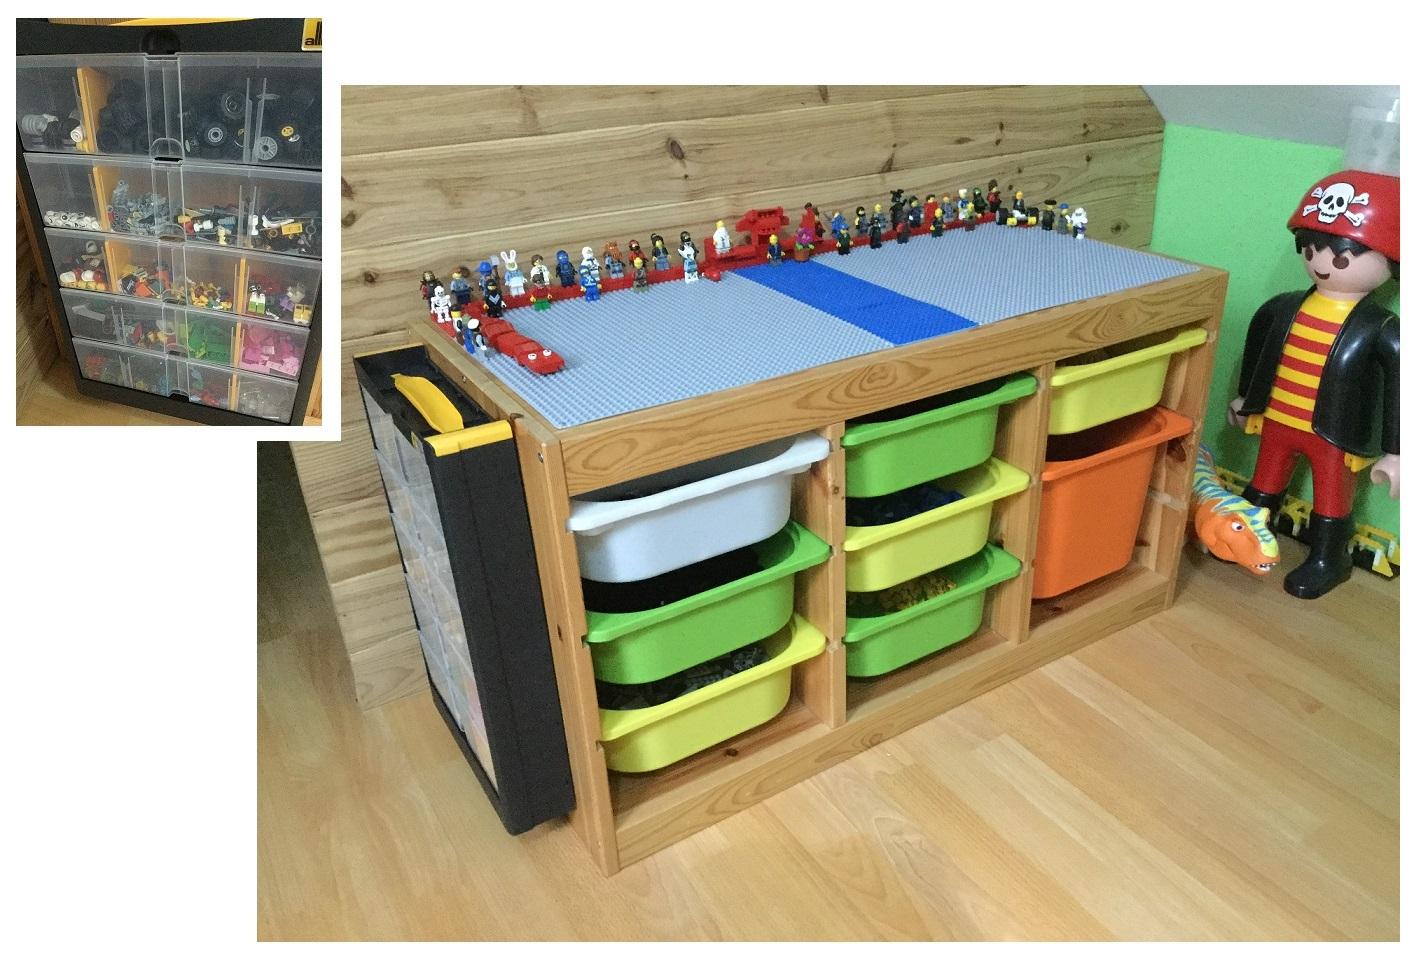 Assistante Maternelle Altéa 3, Somme à Meuble Lego